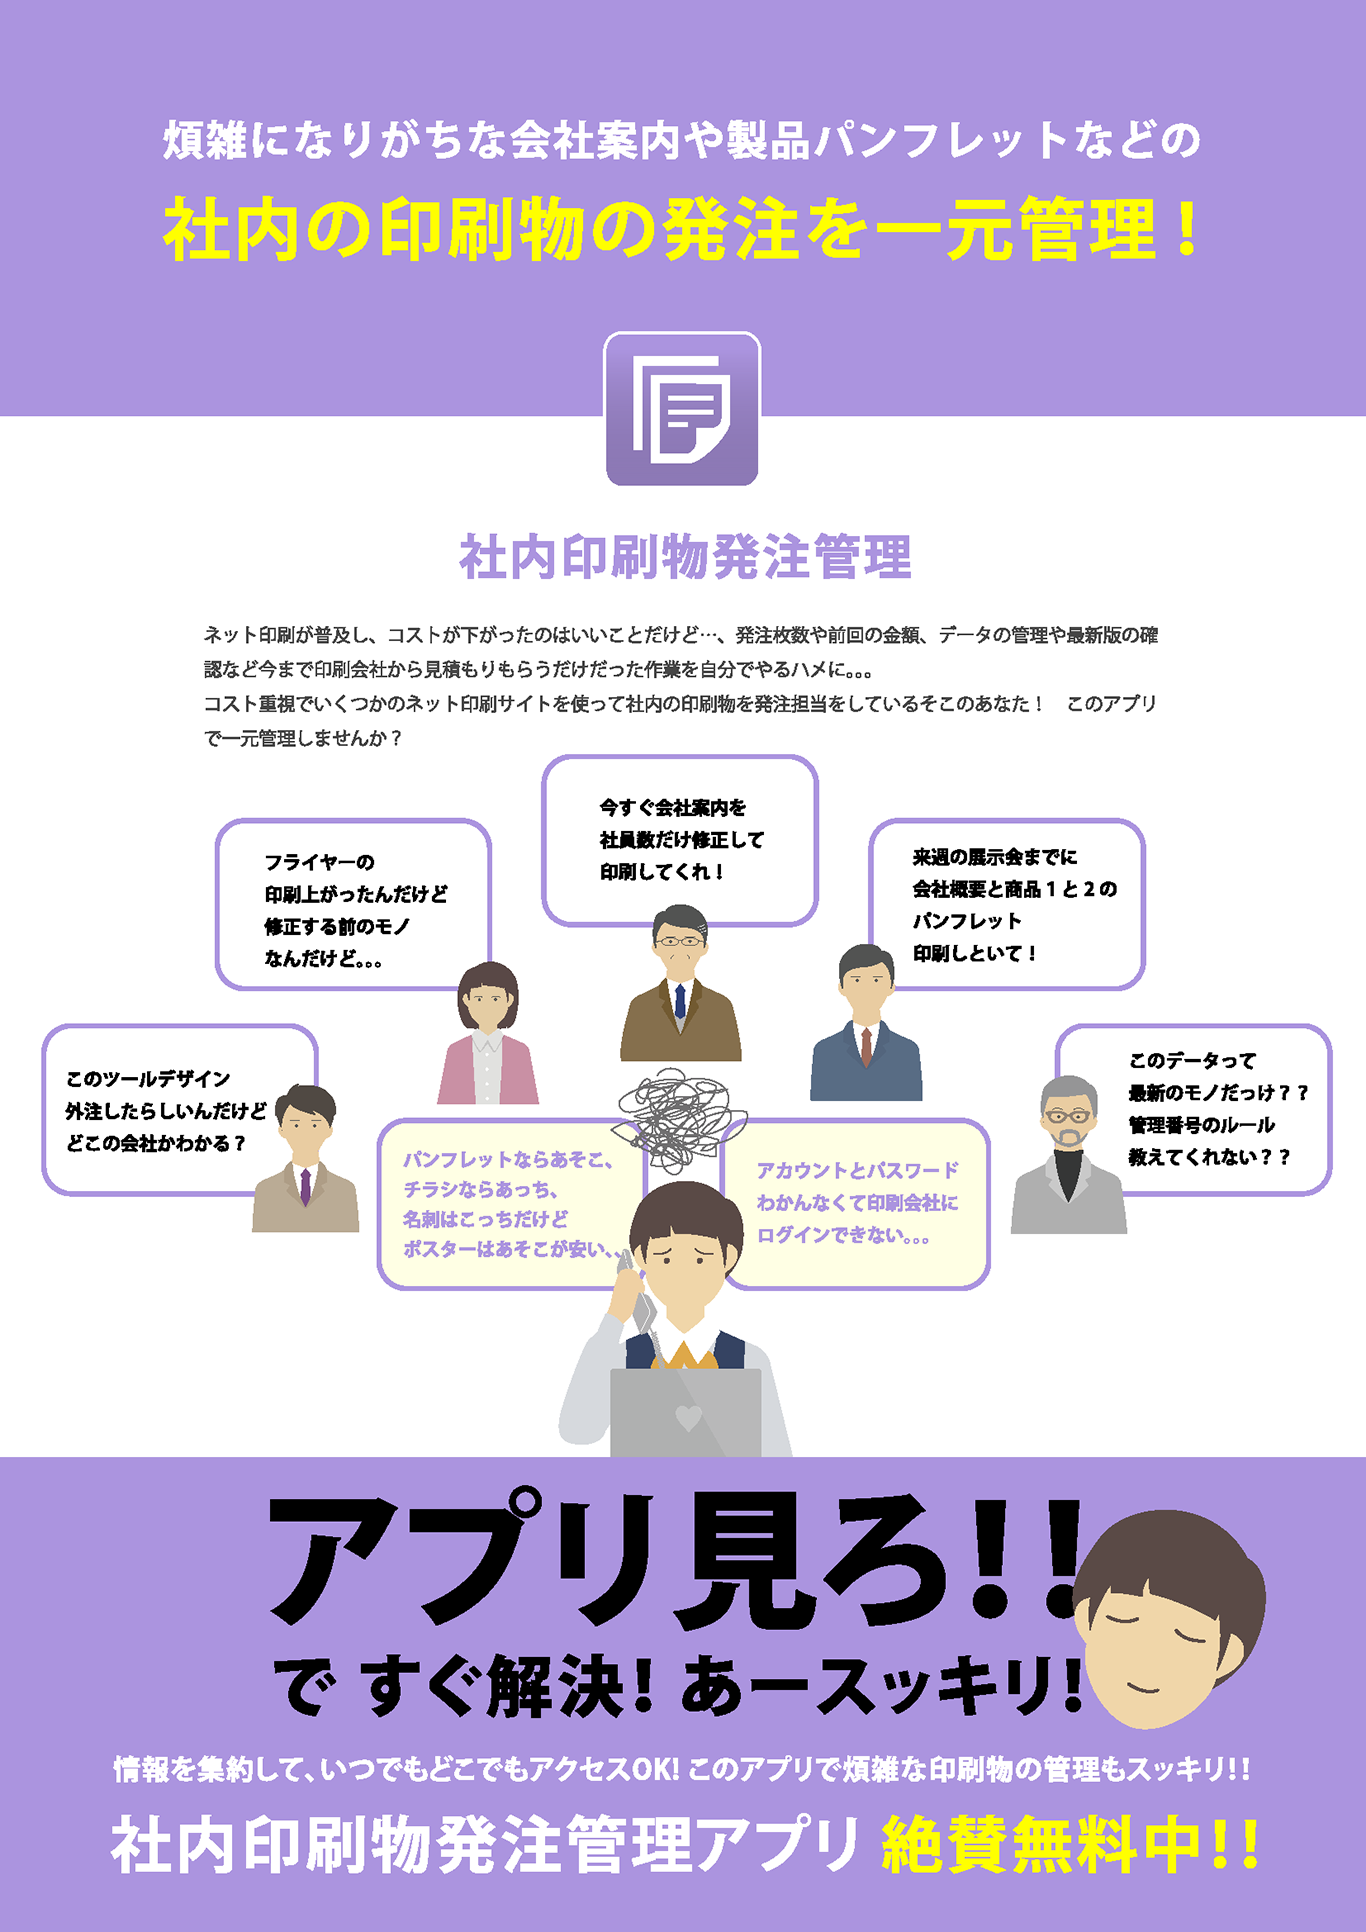 社内印刷物発注管理_01.png